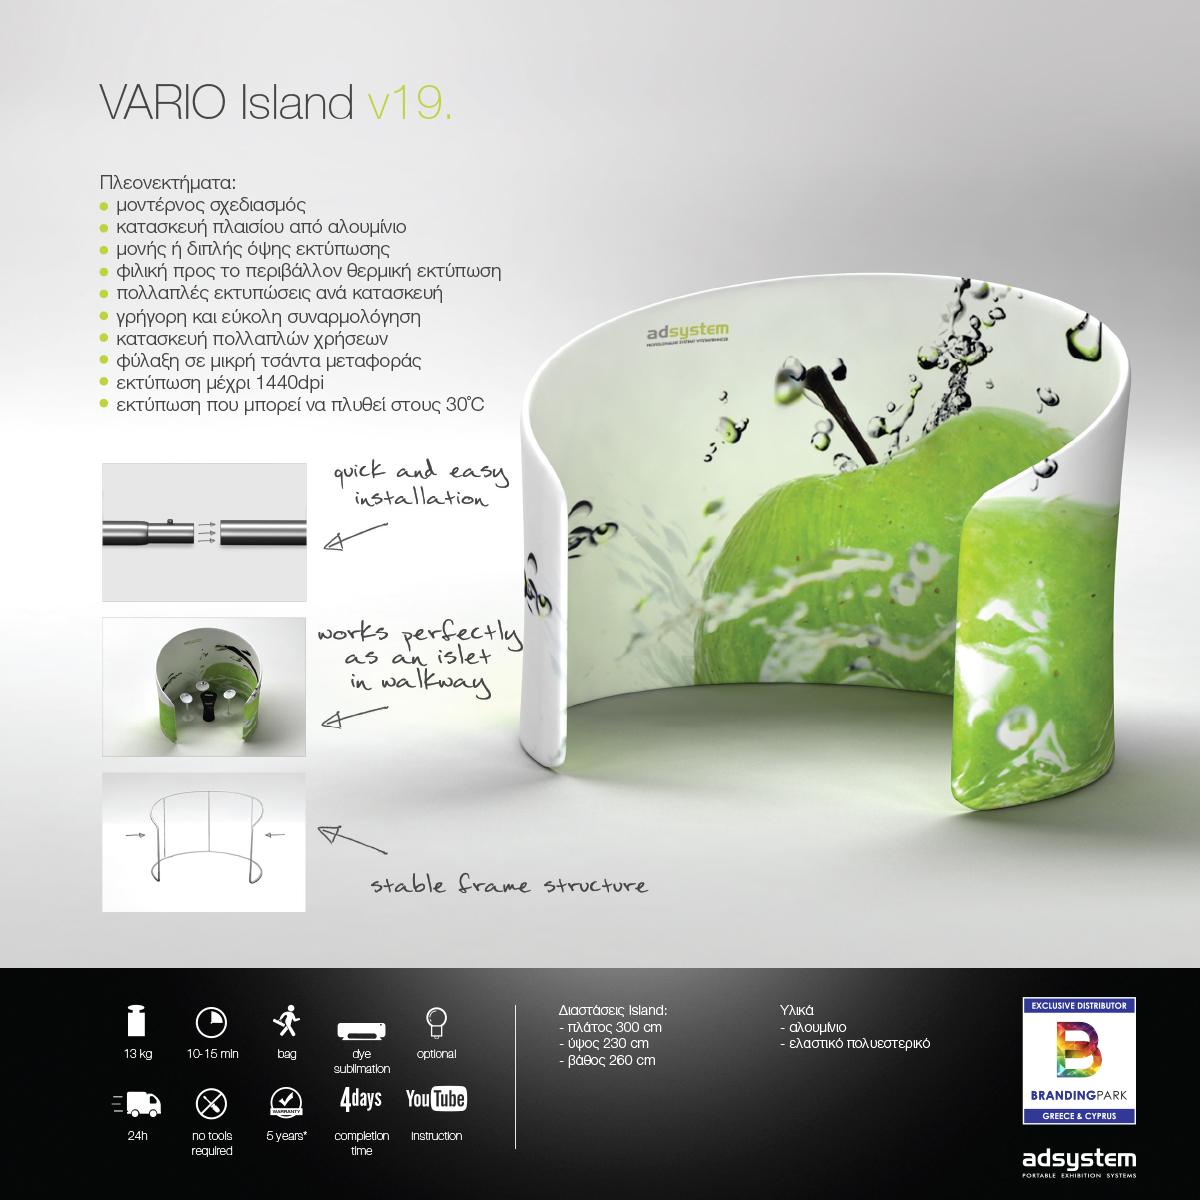 Υφασμάτινο εκθεσιακό display - VARIO Island v19.